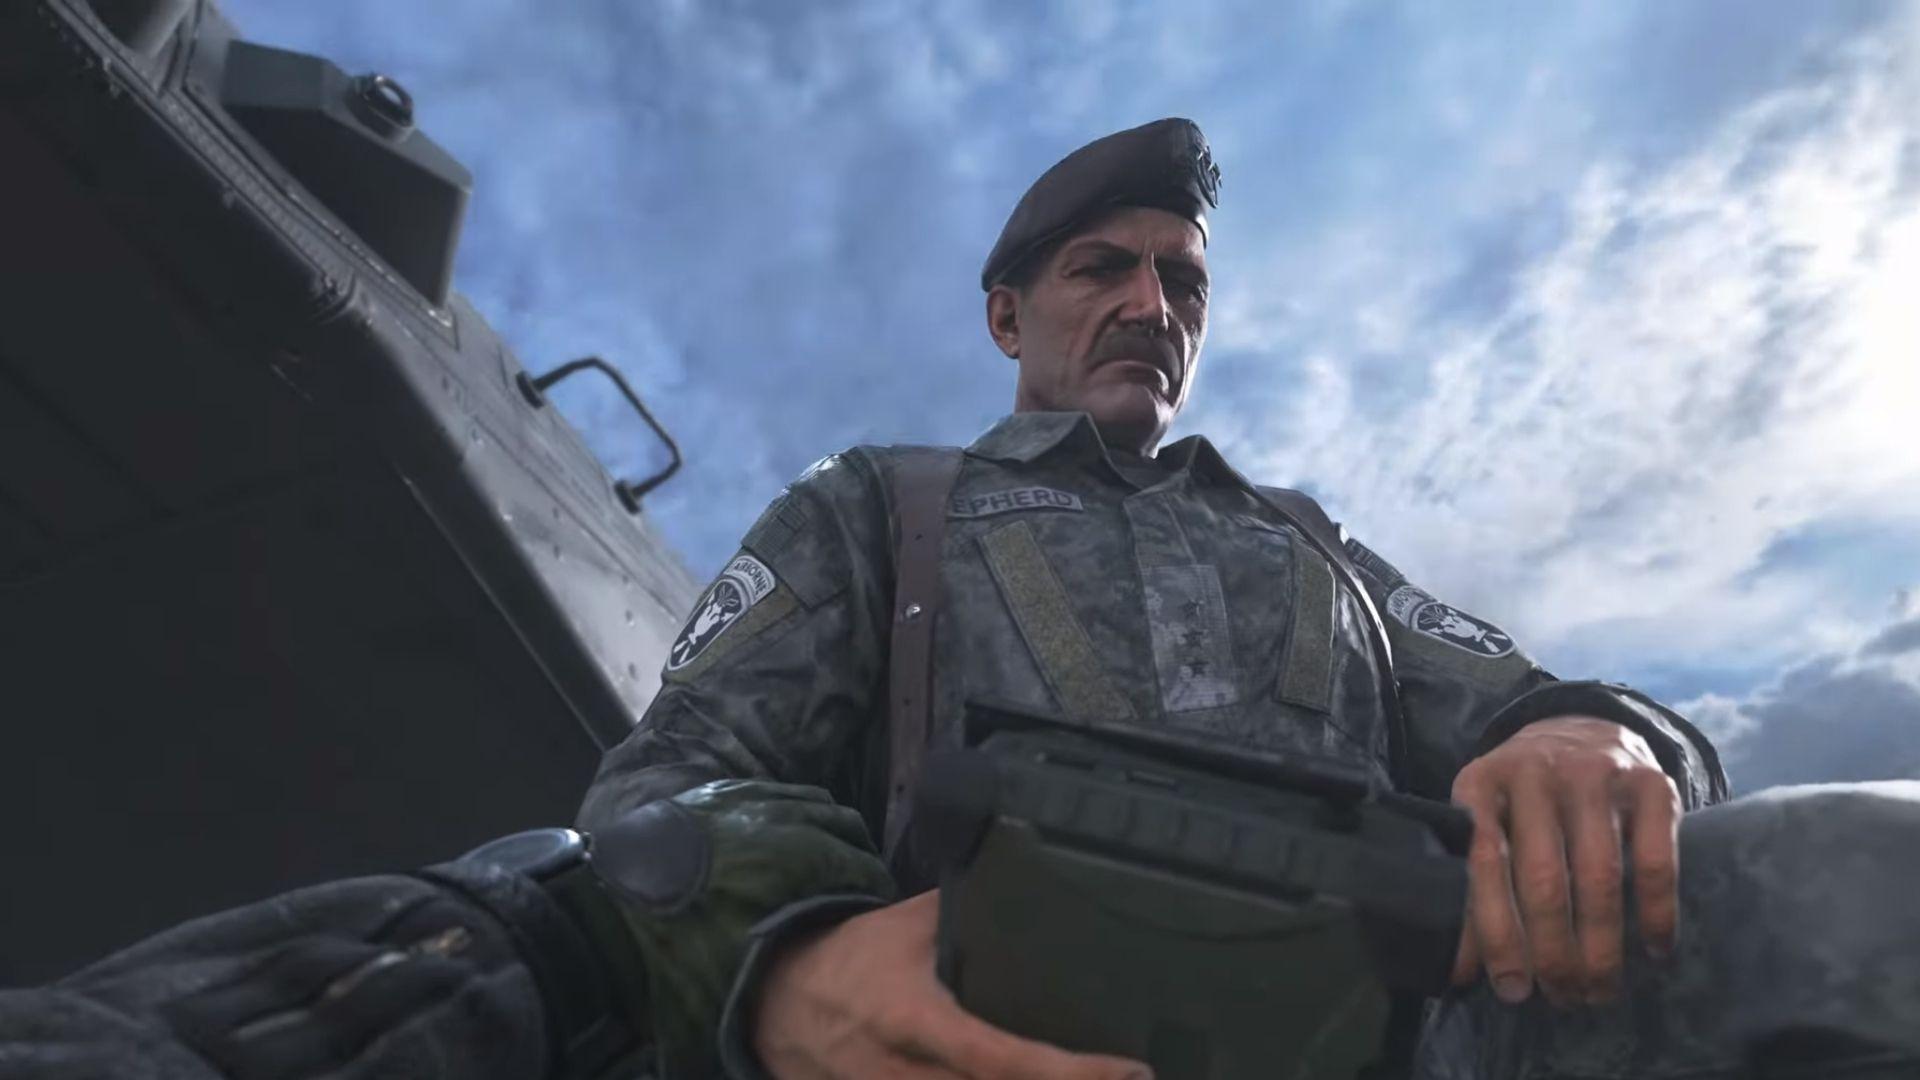 general shepherd in COD modern warfare 2